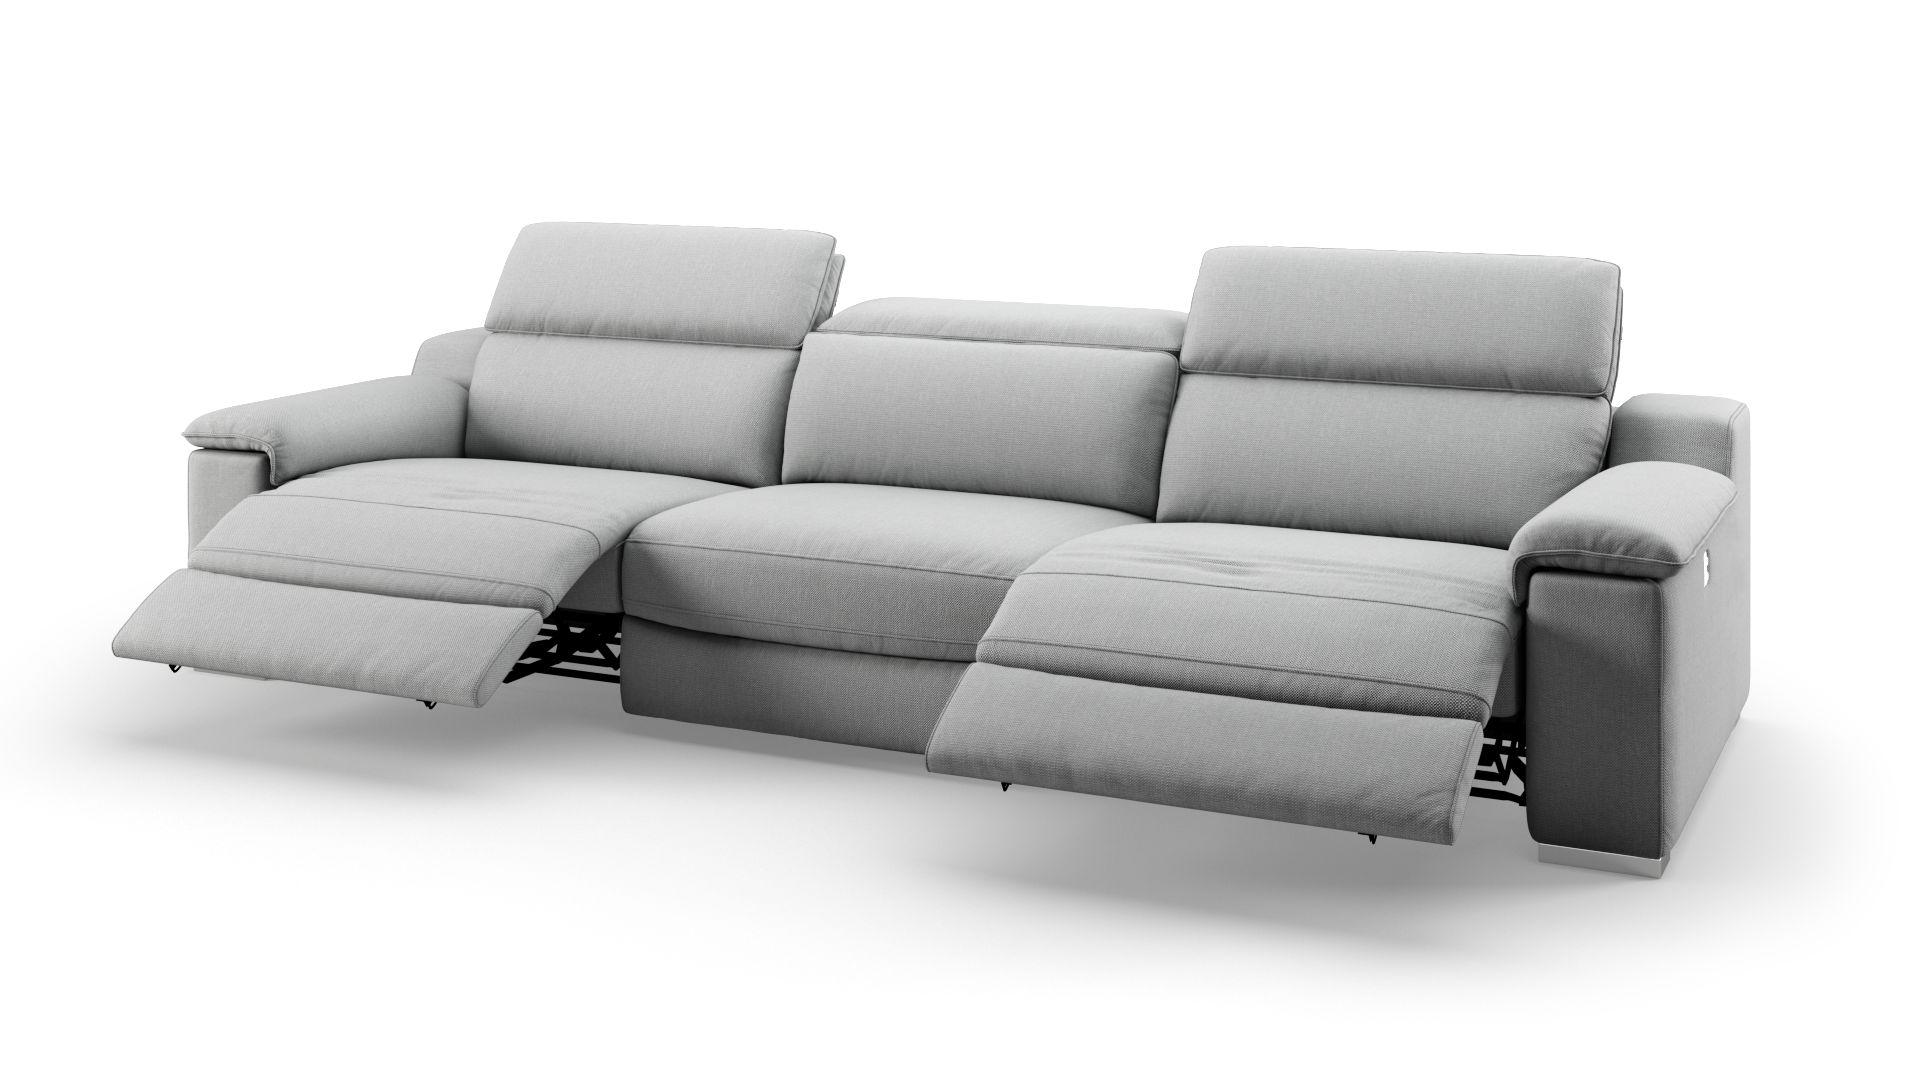 Stoff 3-Sitzer Sofa XXL MACELLO